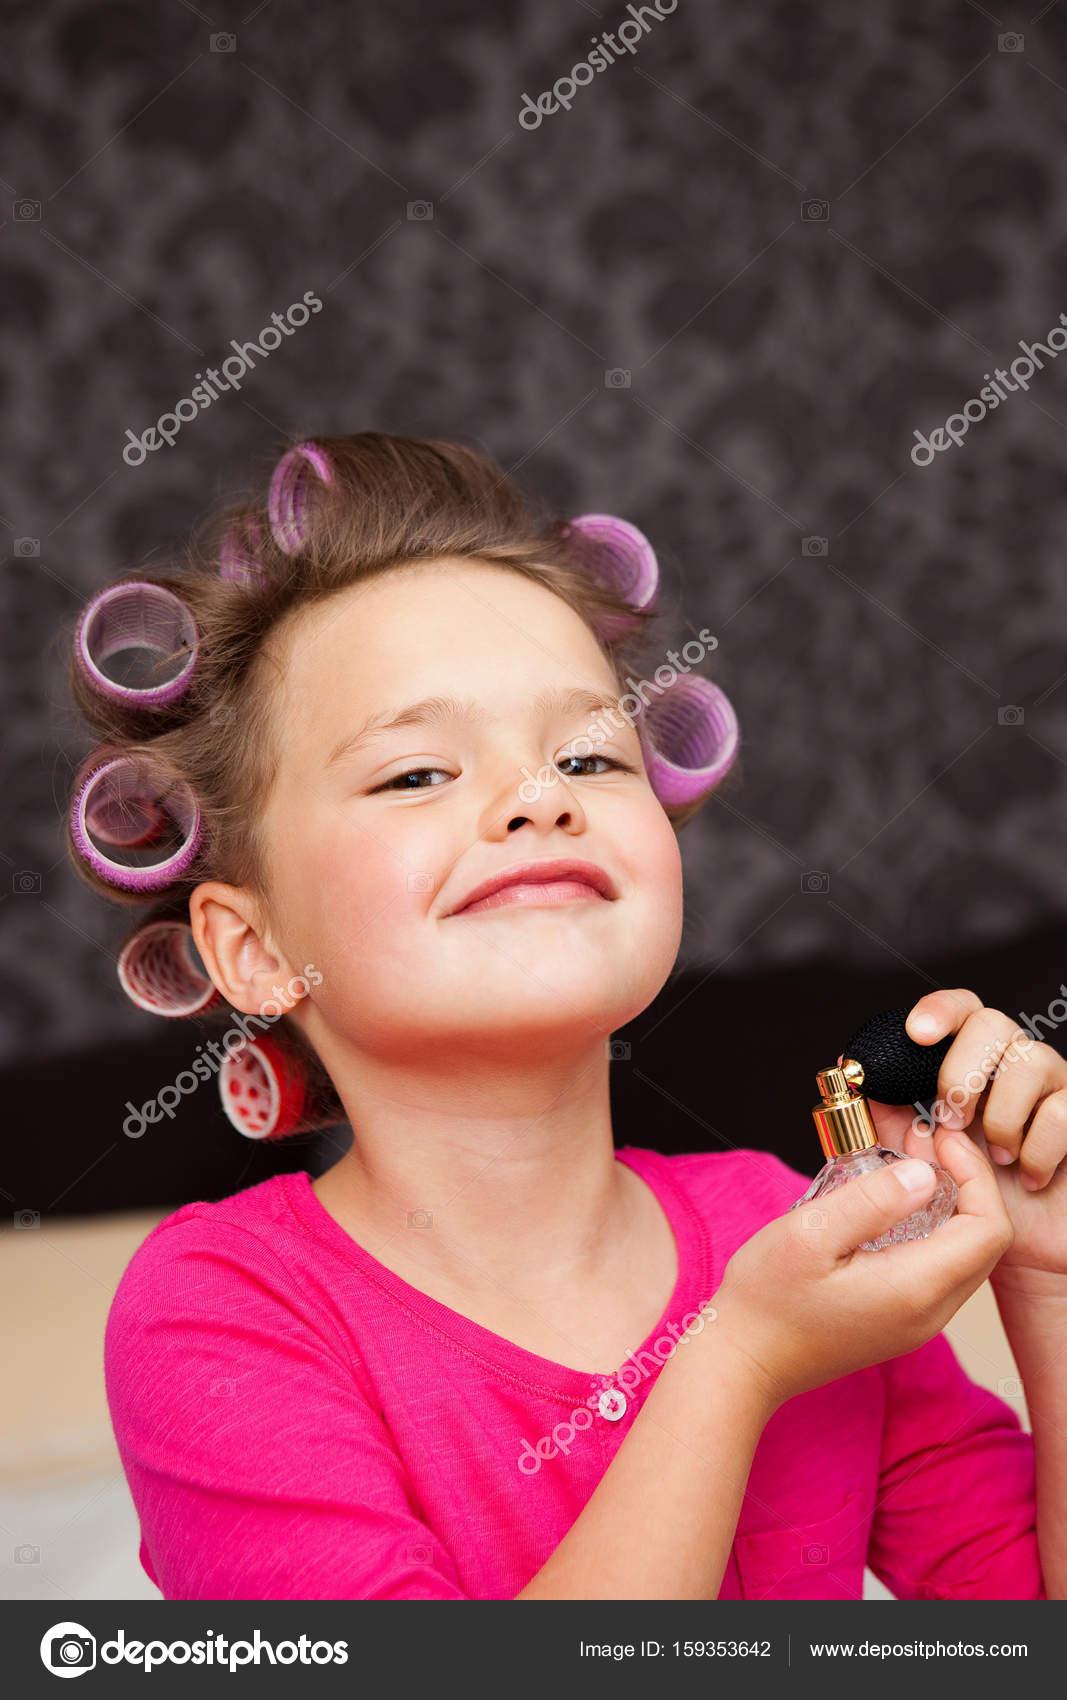 Doet een meisje spuiten